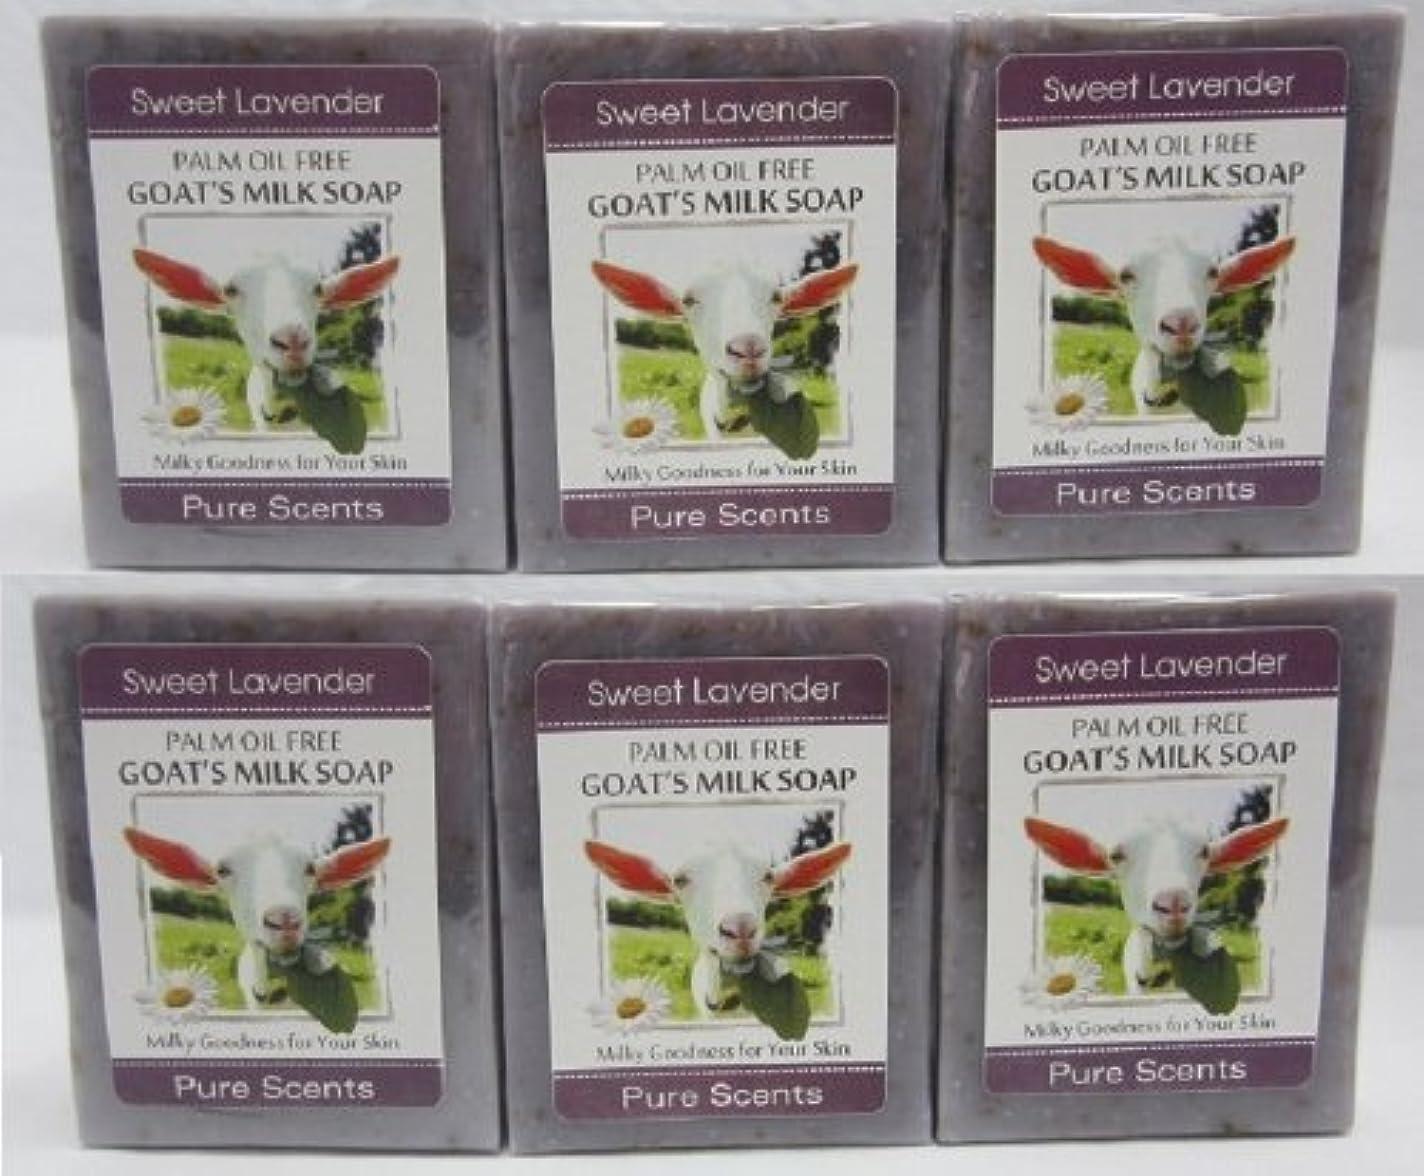 野心虎手伝う【Pure Scents】Goat's Milk Soap ヤギのミルクせっけん 6個セット Sweet Lavender スイートラベンダー